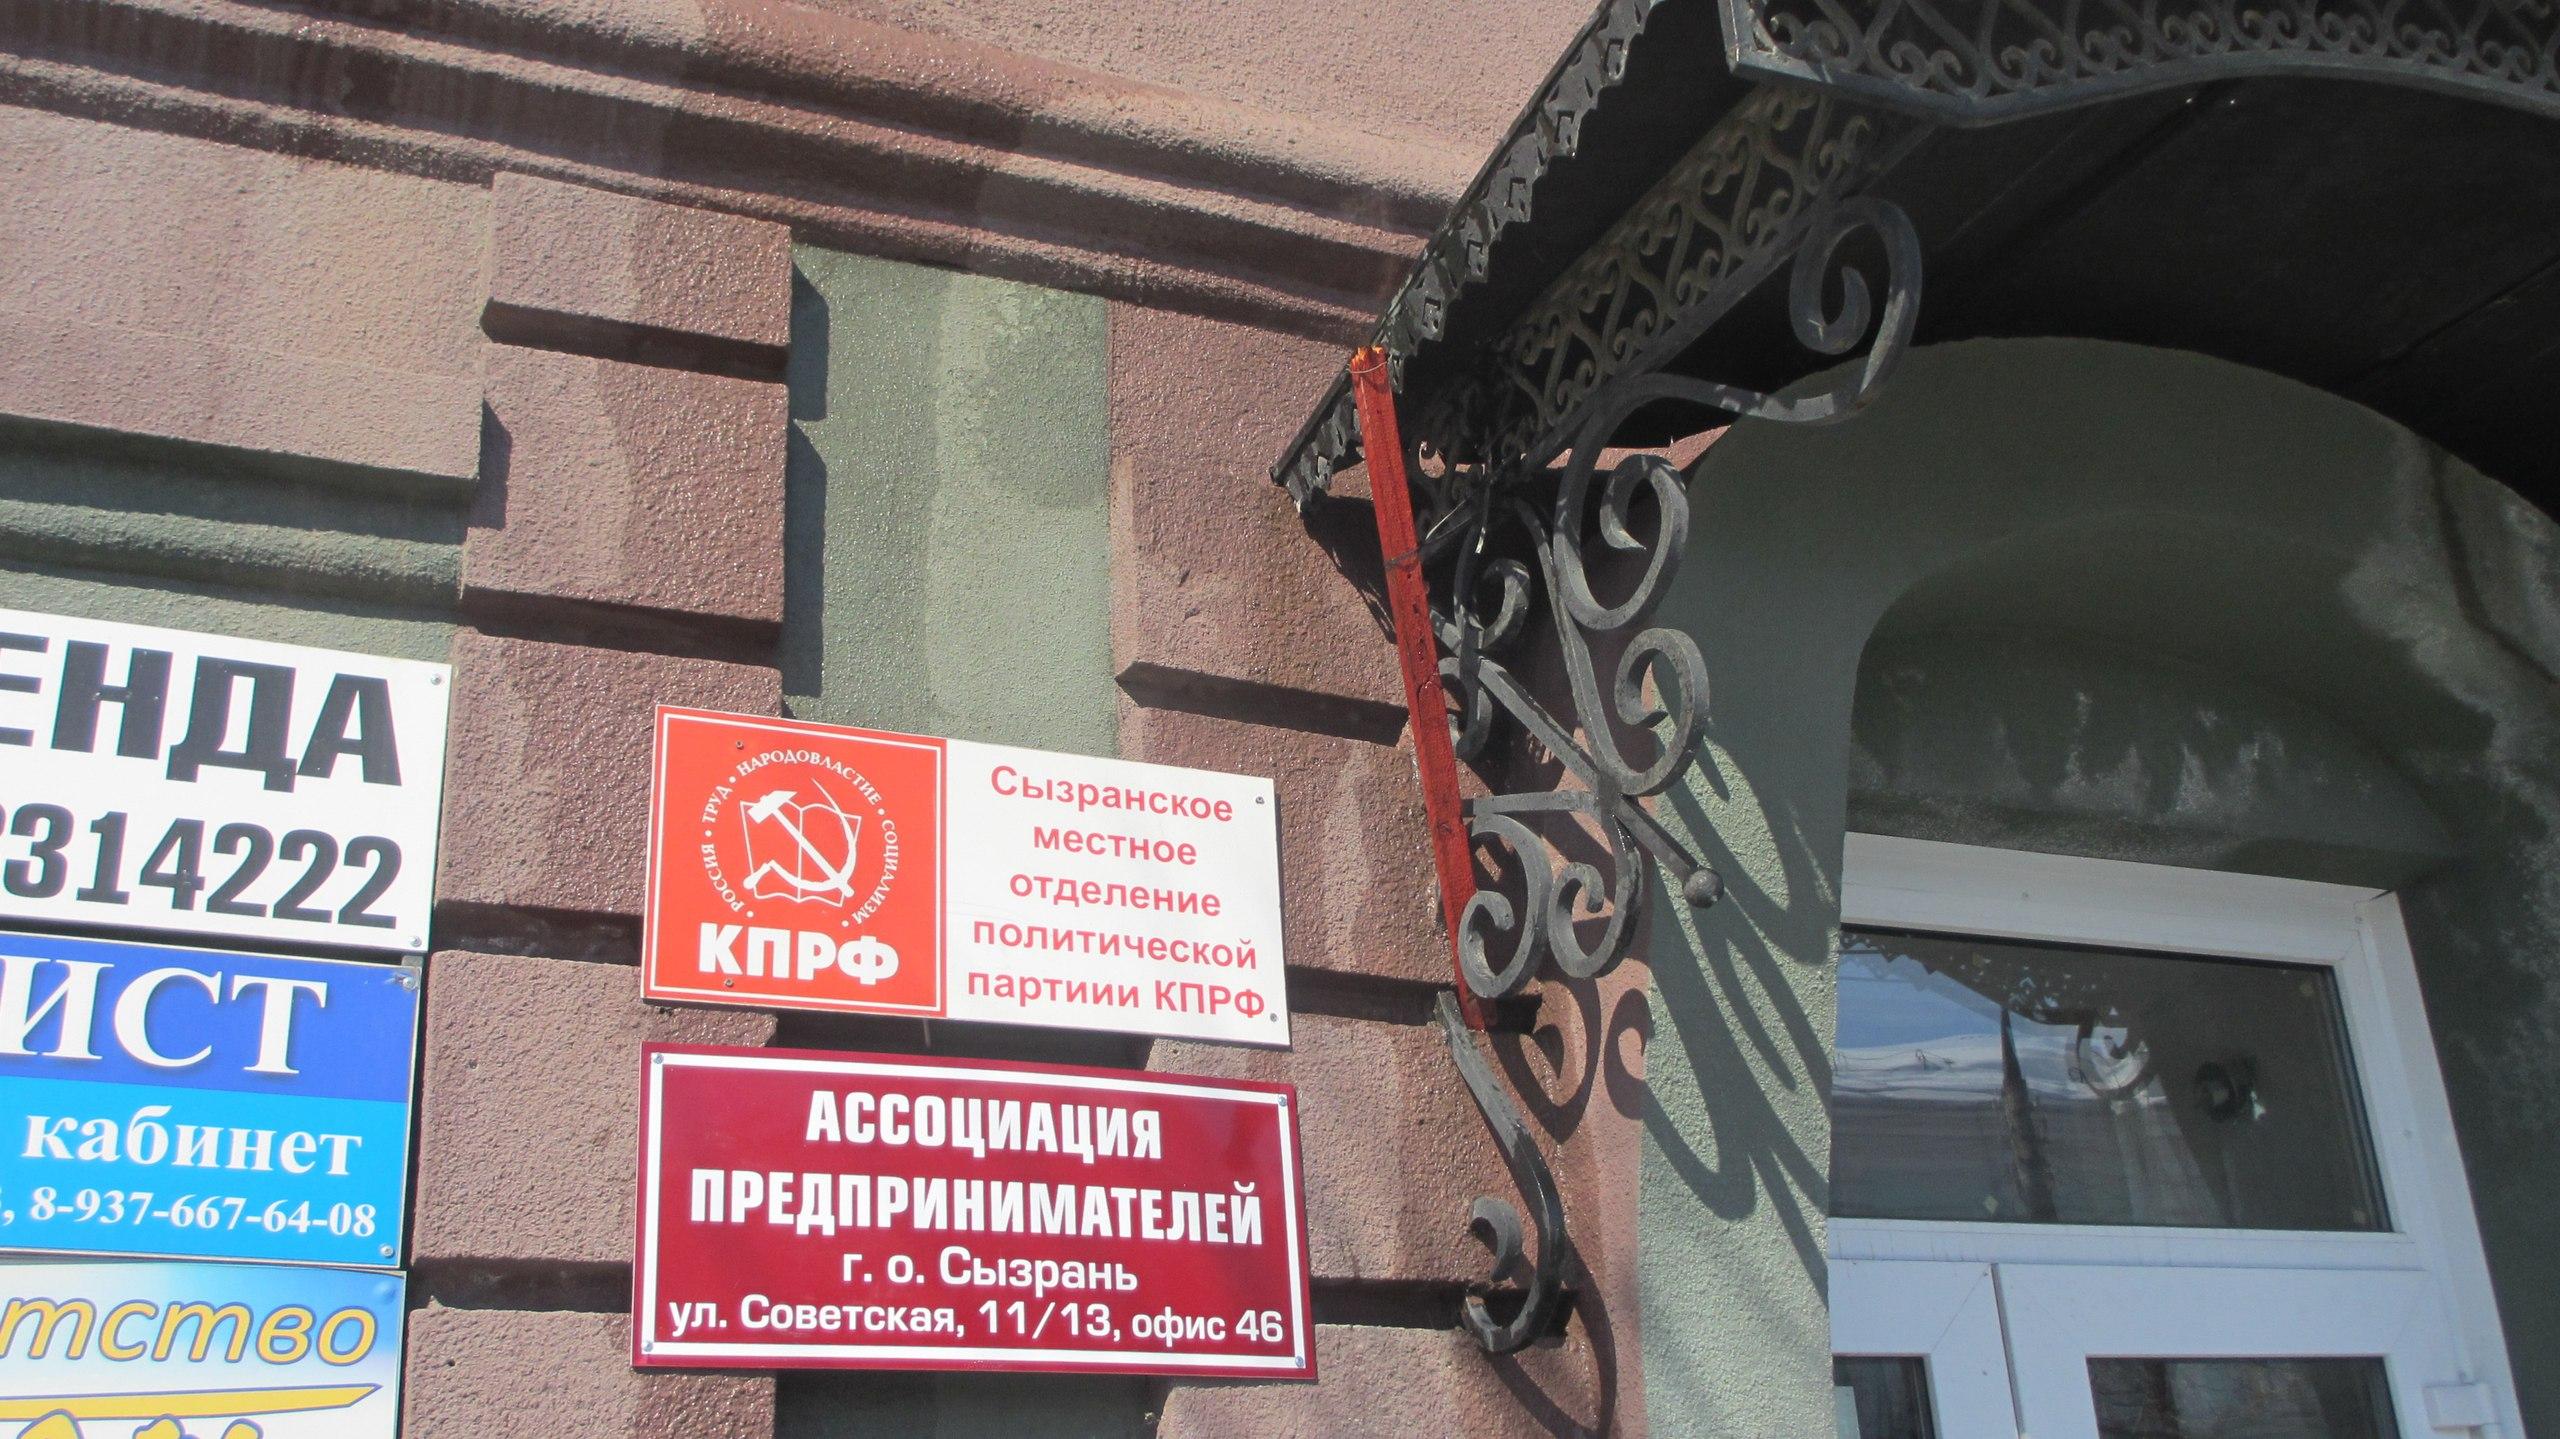 Сломали флаг над Сызранским КПРФ